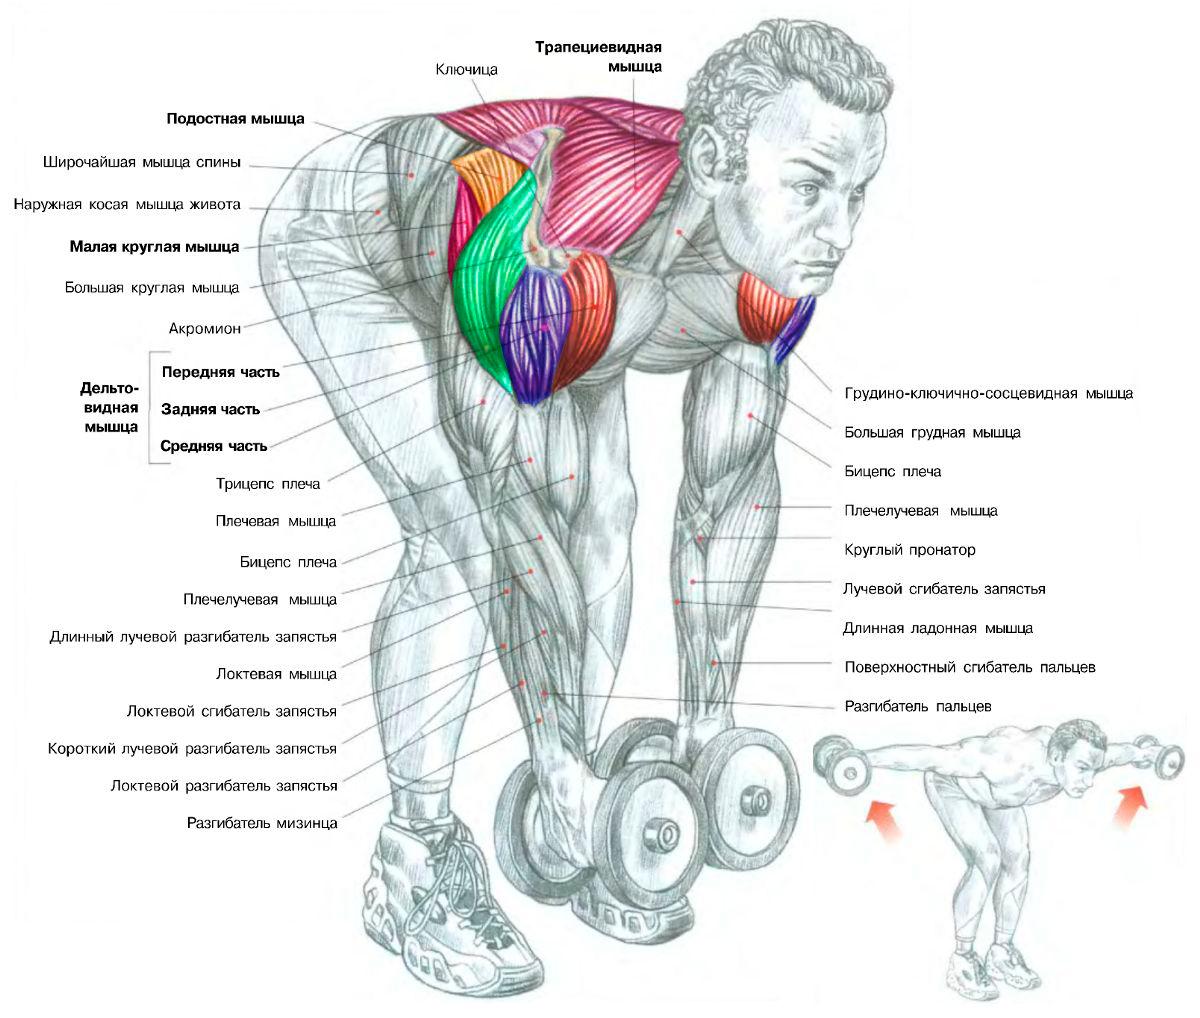 anatomiya-deltovidnyh-myshc